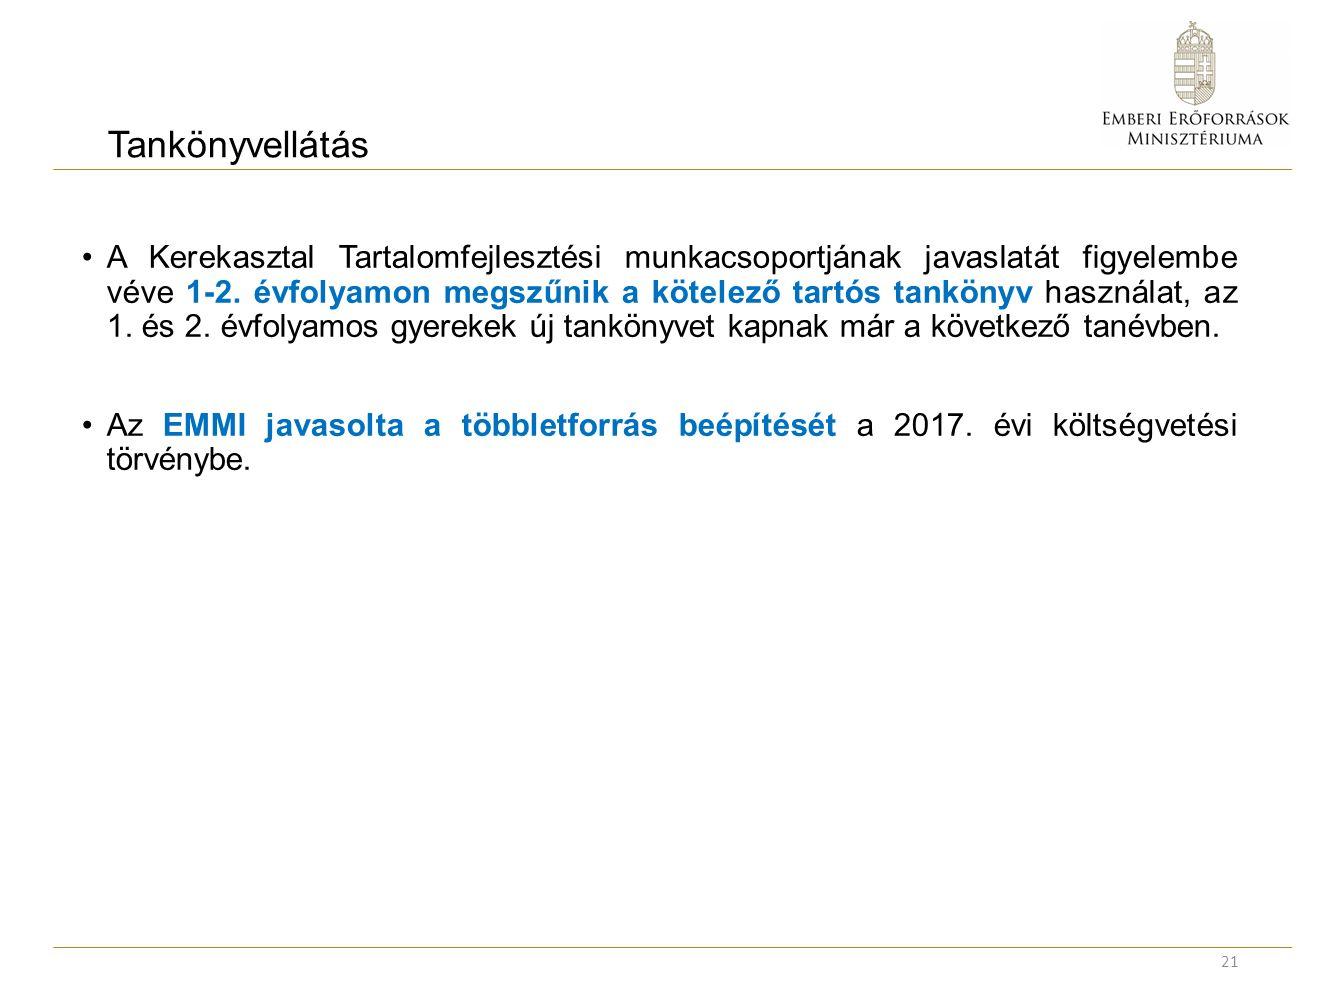 Tankönyvellátás A Kerekasztal Tartalomfejlesztési munkacsoportjának javaslatát figyelembe véve 1-2.